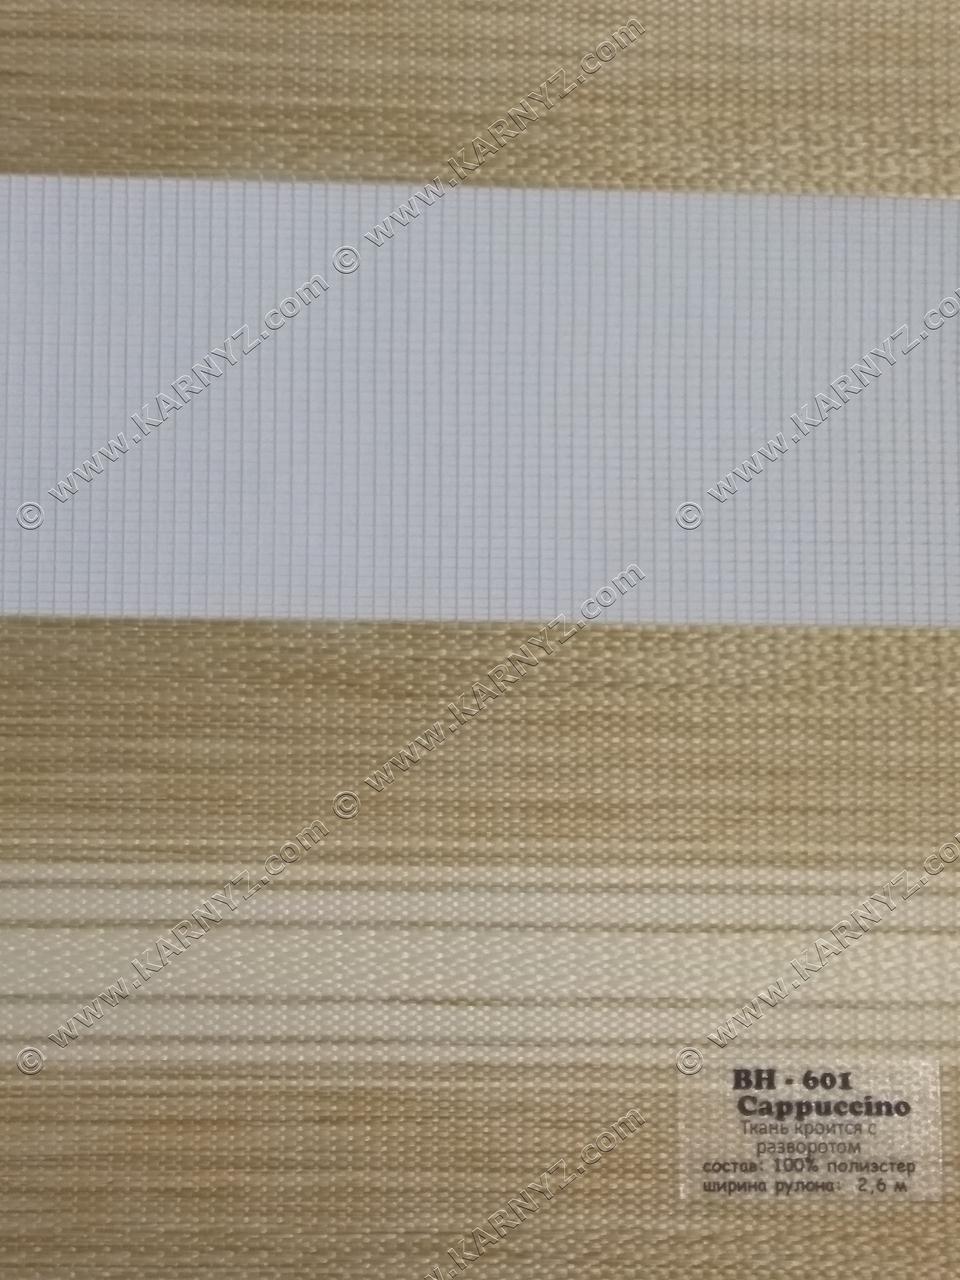 Рулонні штори День-Ніч ВН-601 капучіно